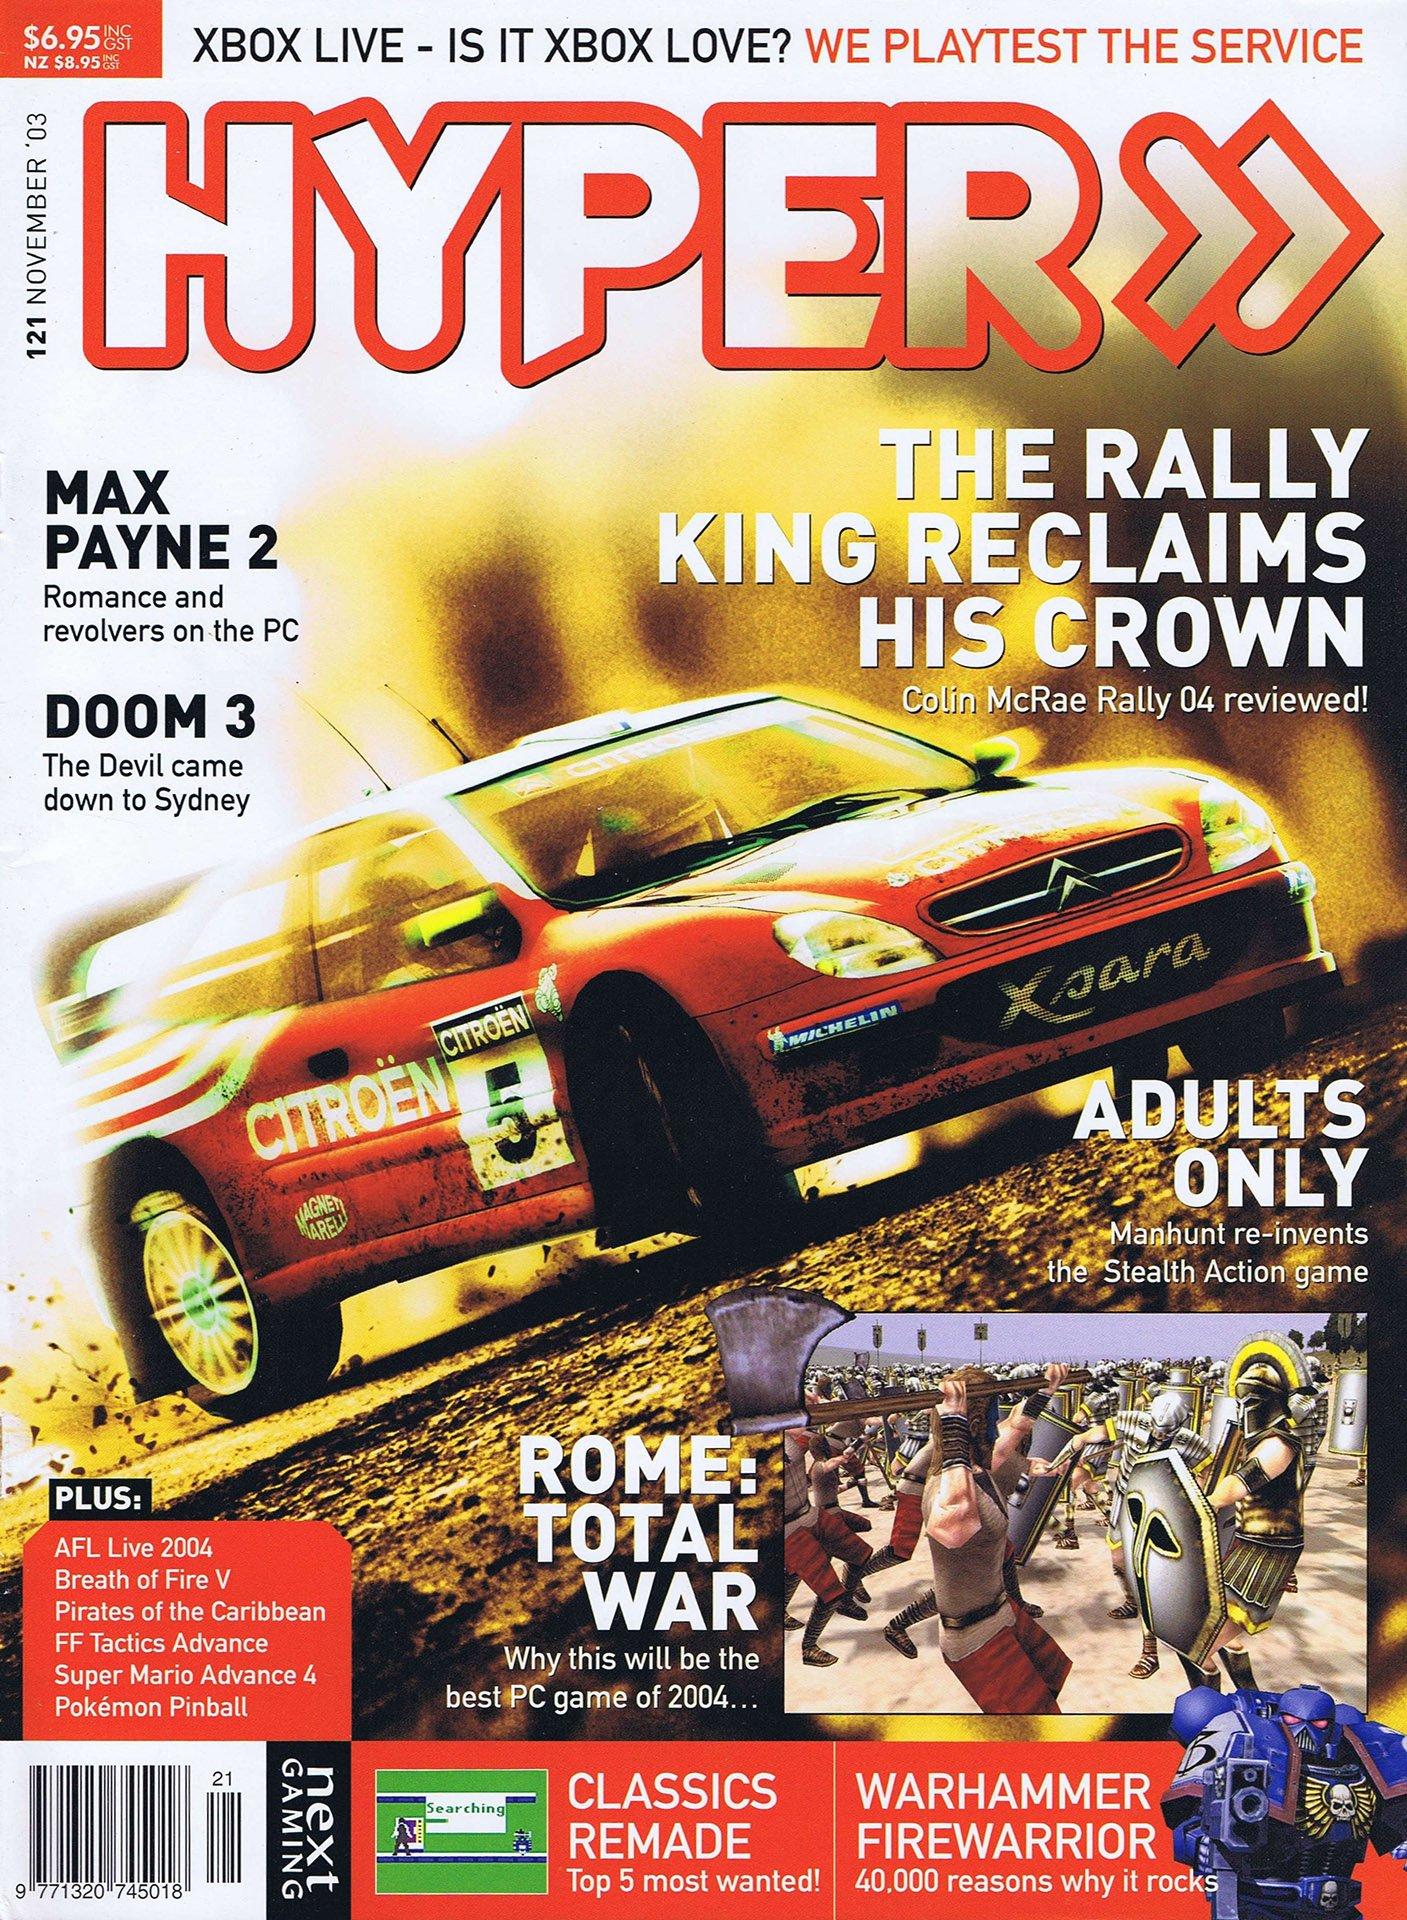 Hyper 121 (November 2003)